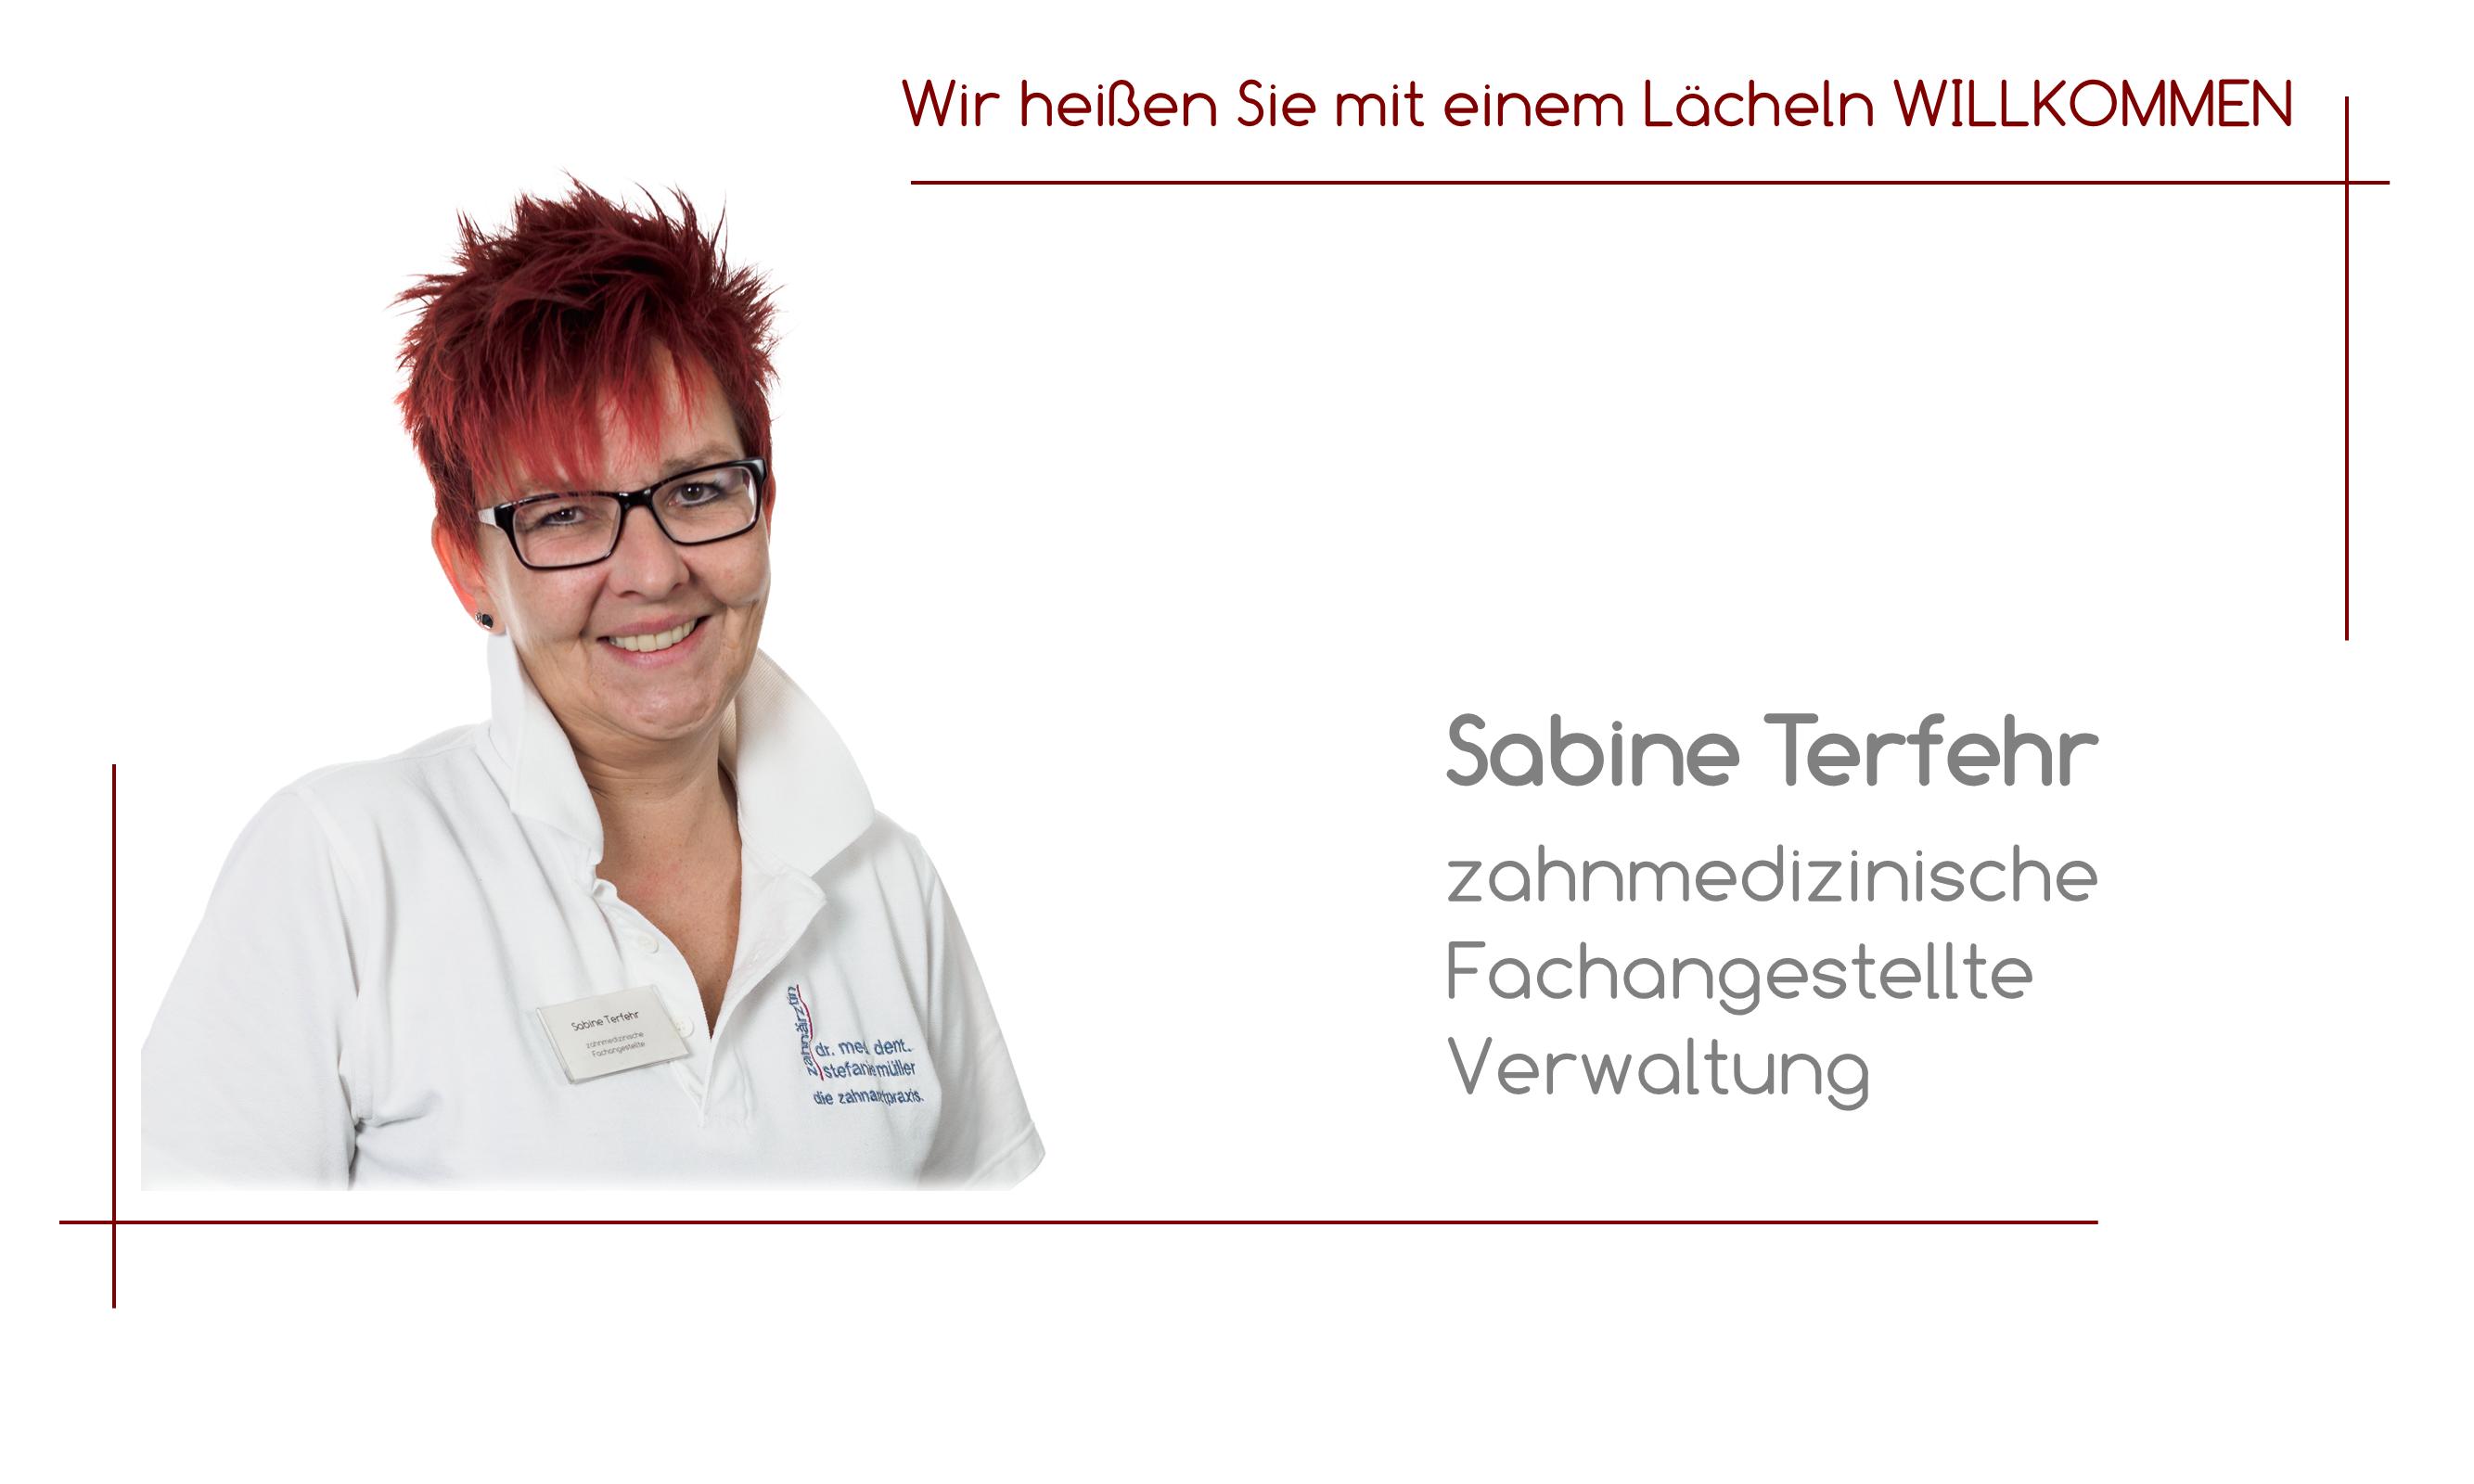 Sabine Terfehr - zahnmedizinische Fachangestellte / Verwaltung